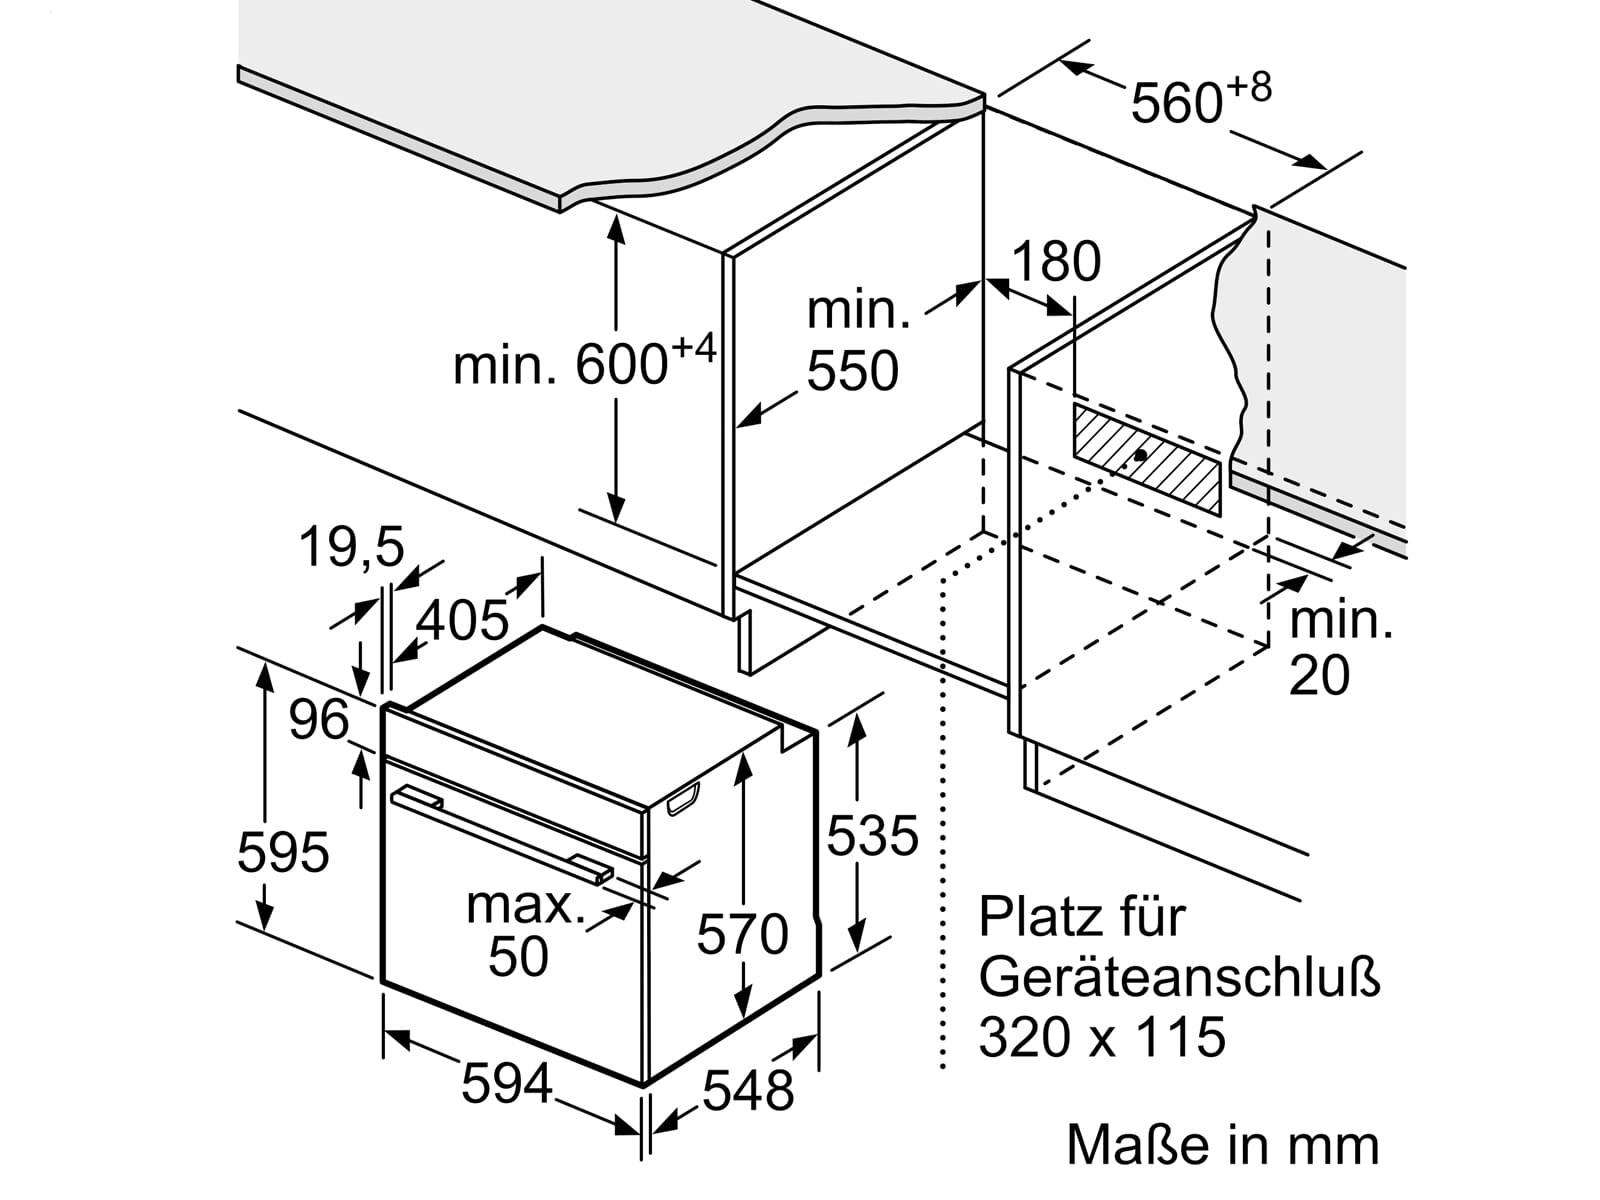 Bosch HRG5785S6 Pyrolyse Einbaubackofen mit Dampfunterstützung Edelstahl